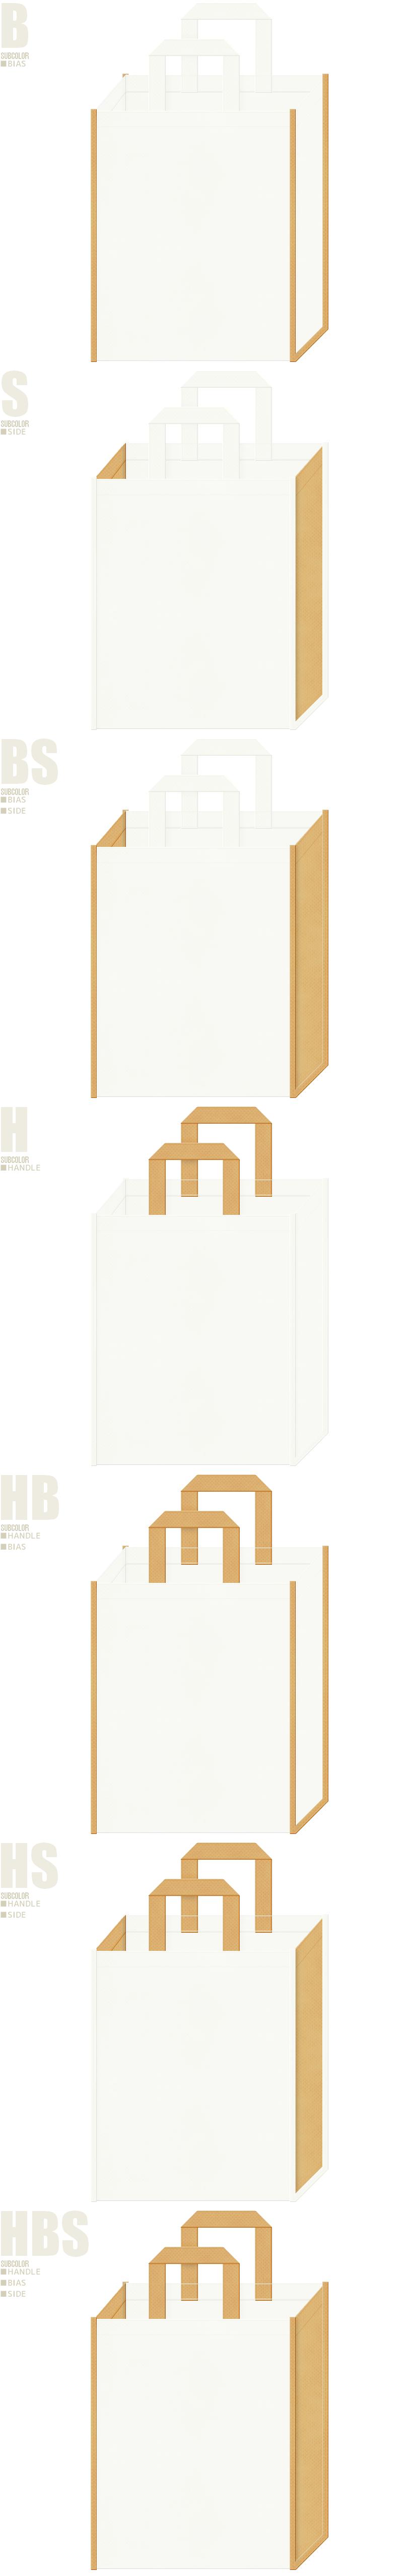 ベーカリー・カフェ・インテリア・木製食器・手芸用品の展示会用バッグにお奨めです。オフホワイト色と薄黄土色の不織布バッグ配色7パターンのデザイン。